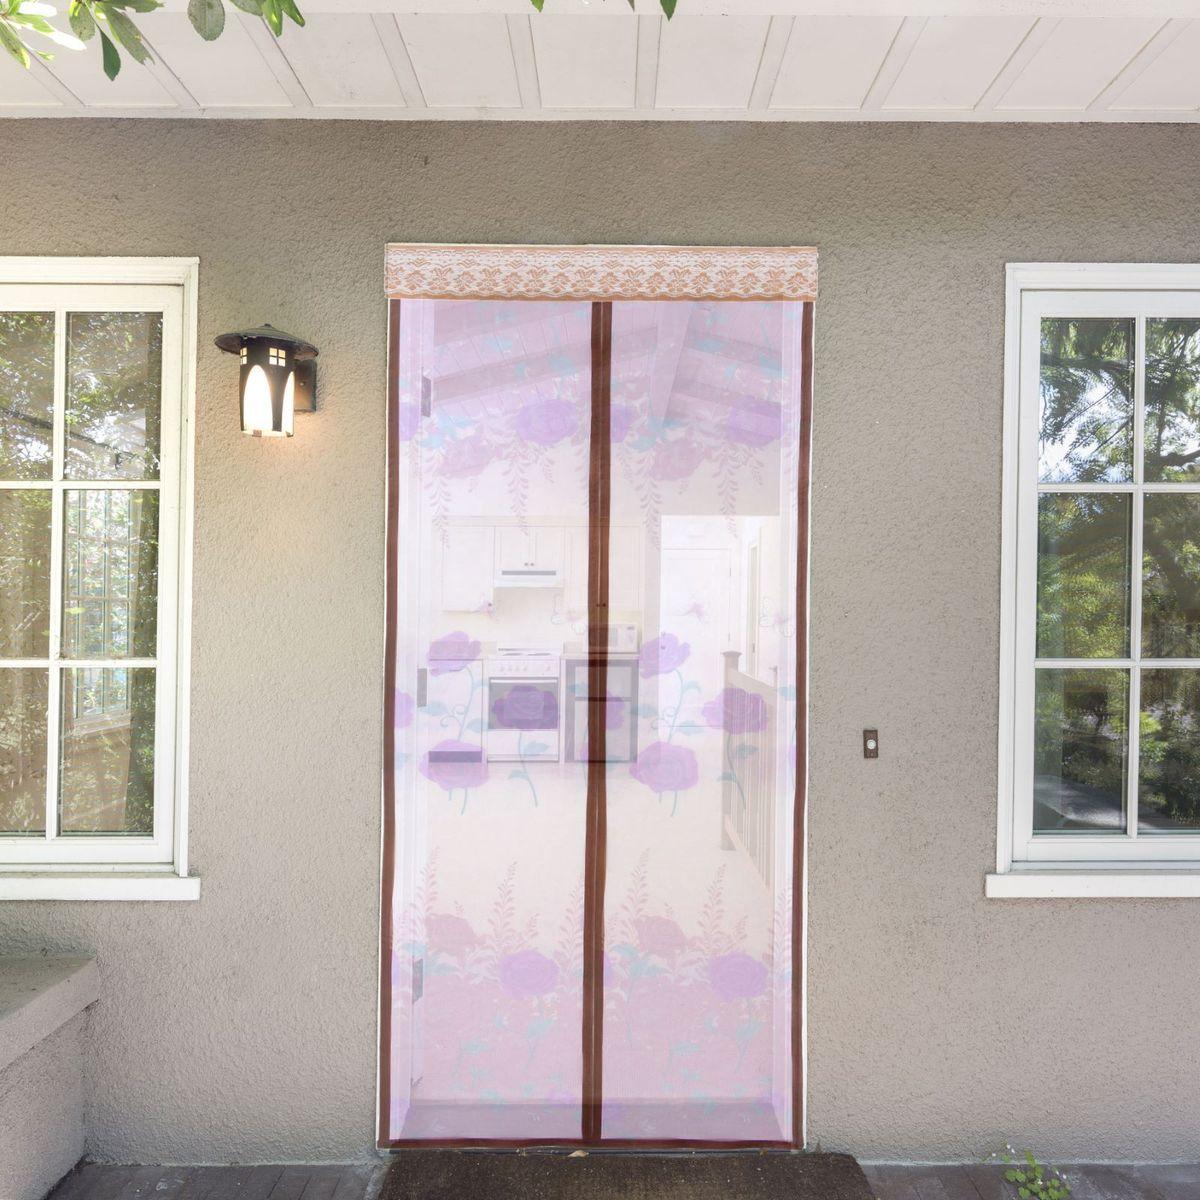 Сетка антимоскитная Noname Цветы, на магнитной ленте, цвет: бежевый, 80 х 210 смAS 25Занавес от насекомых Noname Цветы выполнен на магнитной ленте и универсален в использовании. Необходимо просто подвесить его при входе в садовый дом или балкон, чтобы предотвратить попадание комаров внутрь жилища. Чтобы зафиксировать занавес в дверном проеме, достаточно закрепить занавеску по периметру двери с помощью кнопок, идущих в комплекте. Принцип действия занавеса: каждый раз, когда вы будете проходить сквозь шторы, они автоматически захлопнутся за вами благодаря магнитам, расположенным по всей его длине.